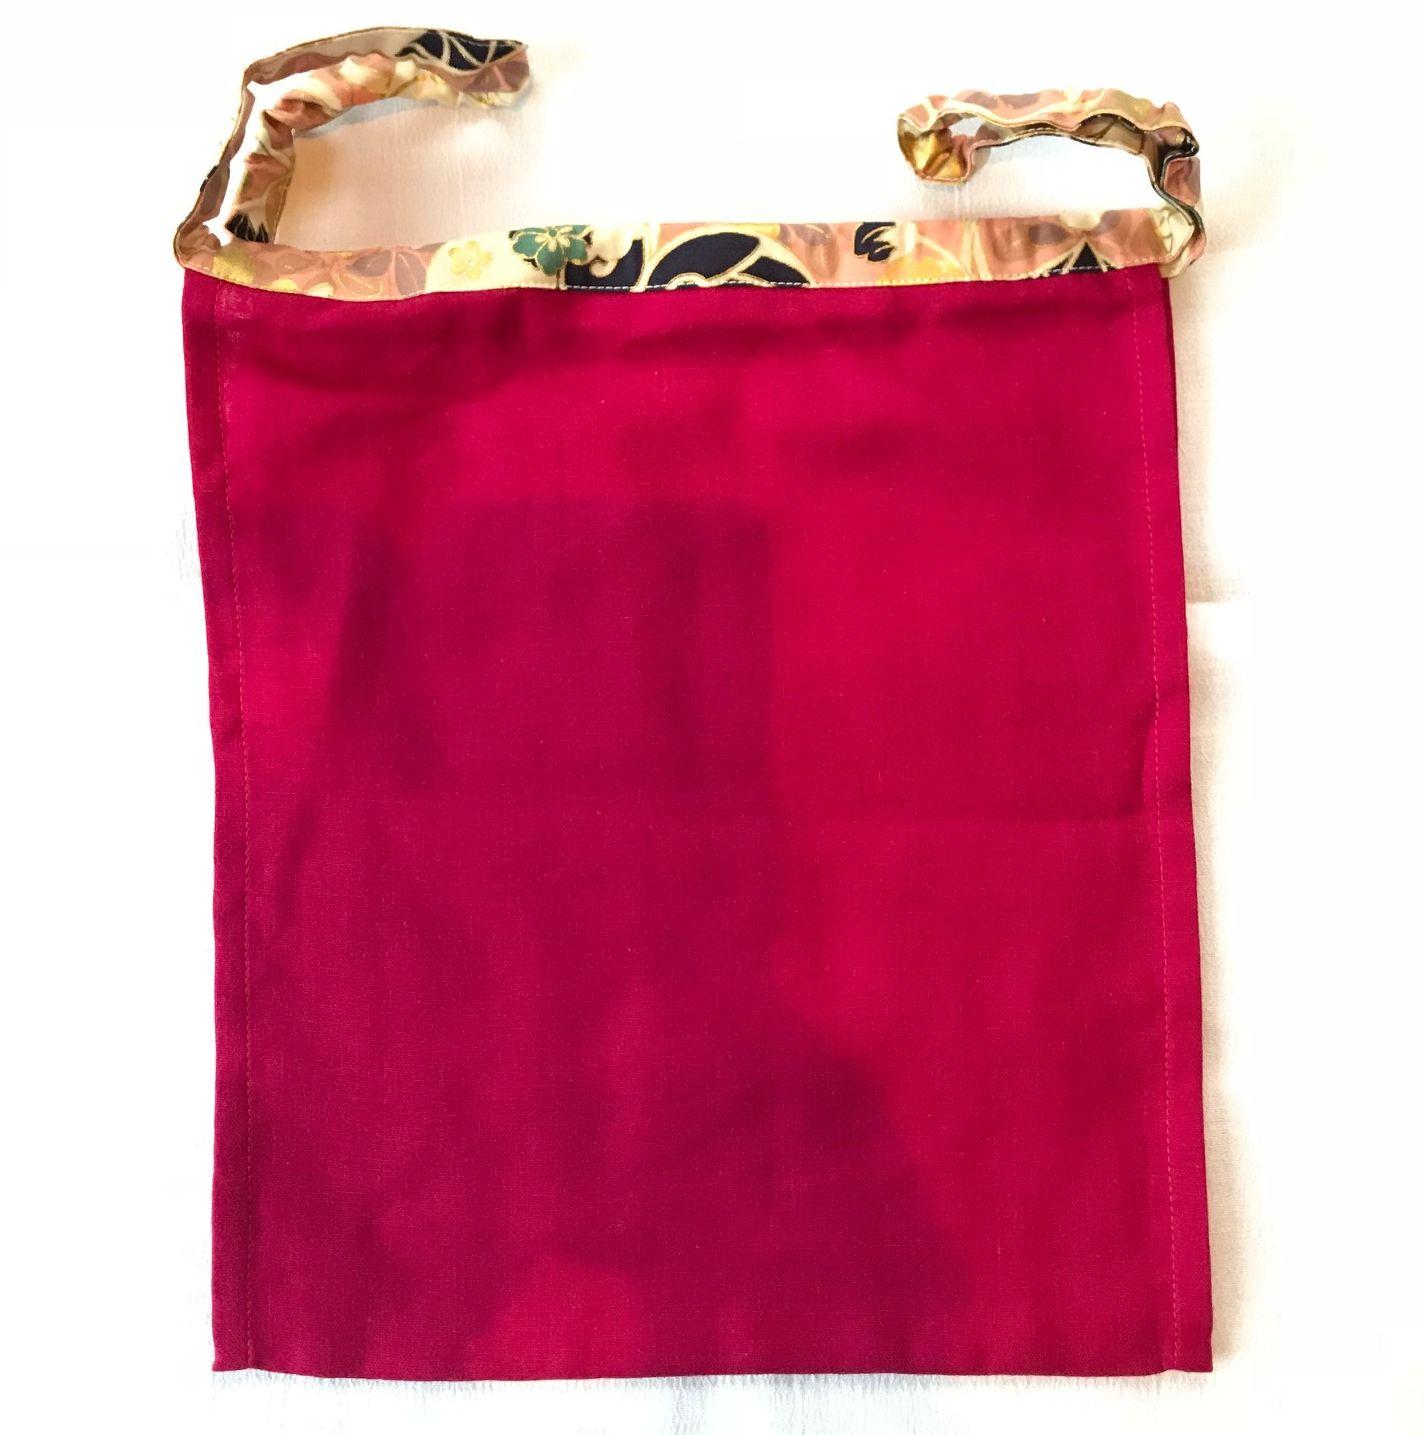 【和癒ぱんつ(ふんどしパンツ)】肌癒ダブルガーゼ(赤紫)×金彩花文様(ピンク)『メール便可』【緩サイズ】